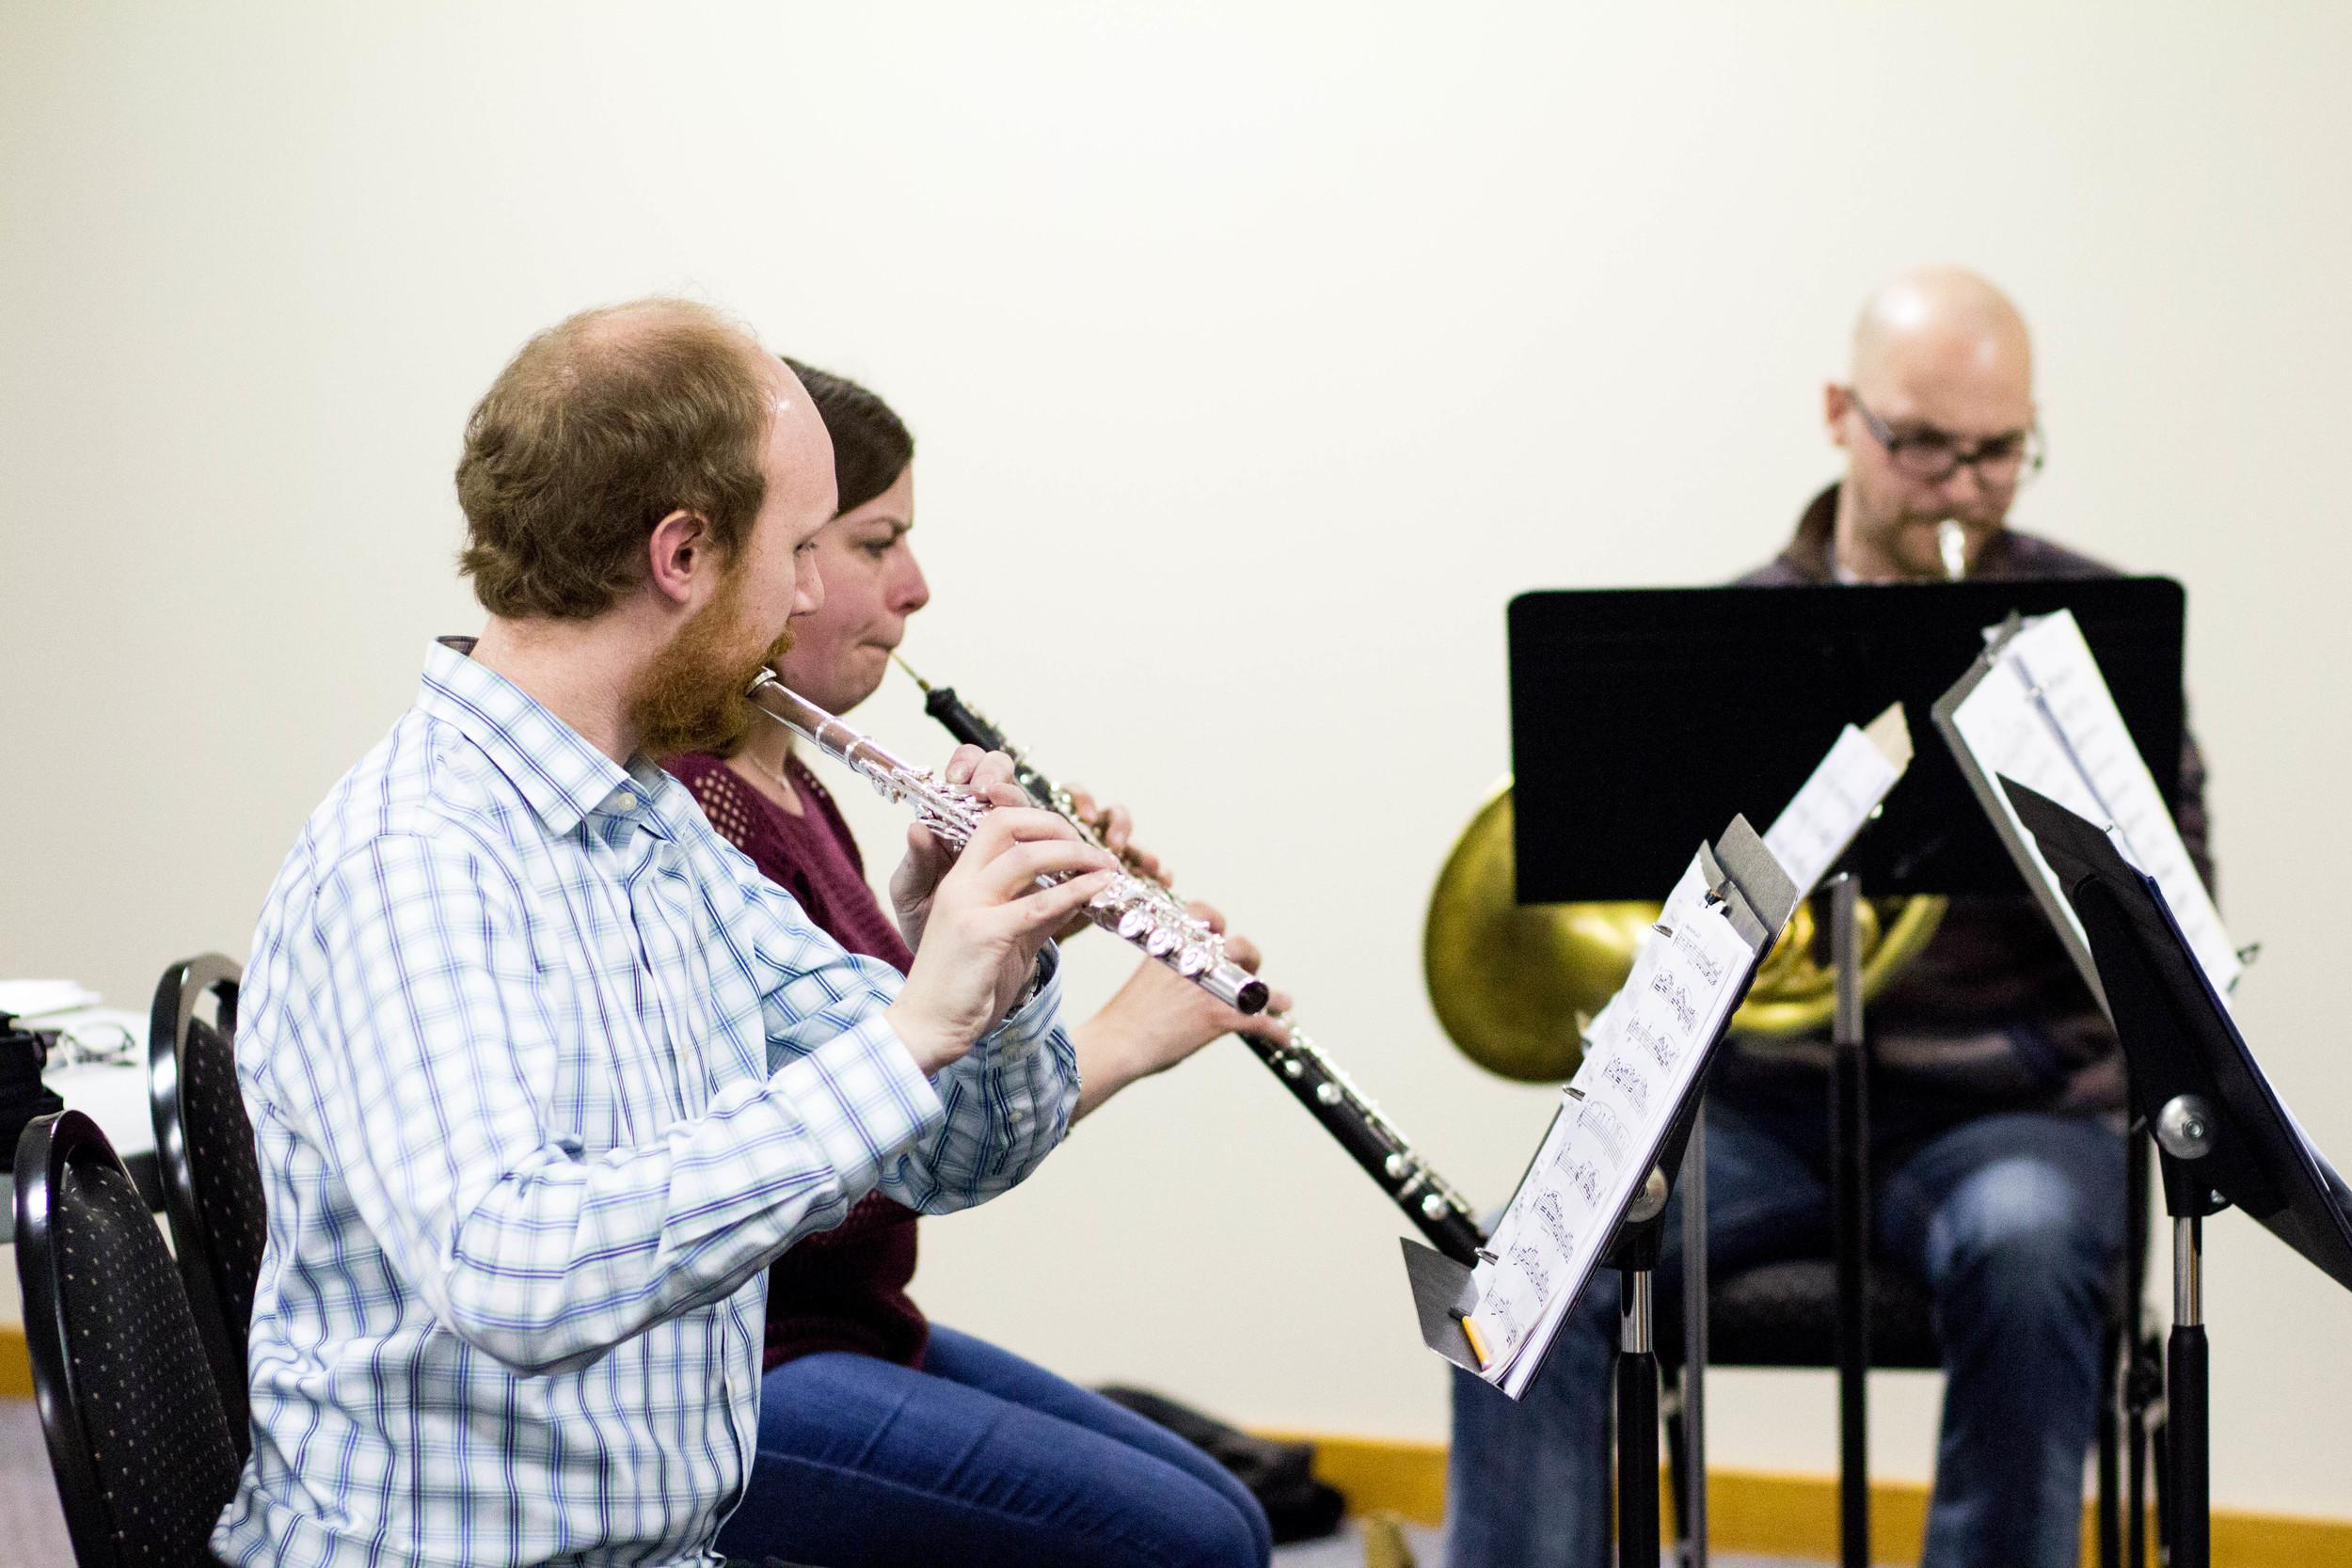 Copy of Tim Crouch (flute), Liz Eccleston (oboe), Curtis Vander Hyden (horn)